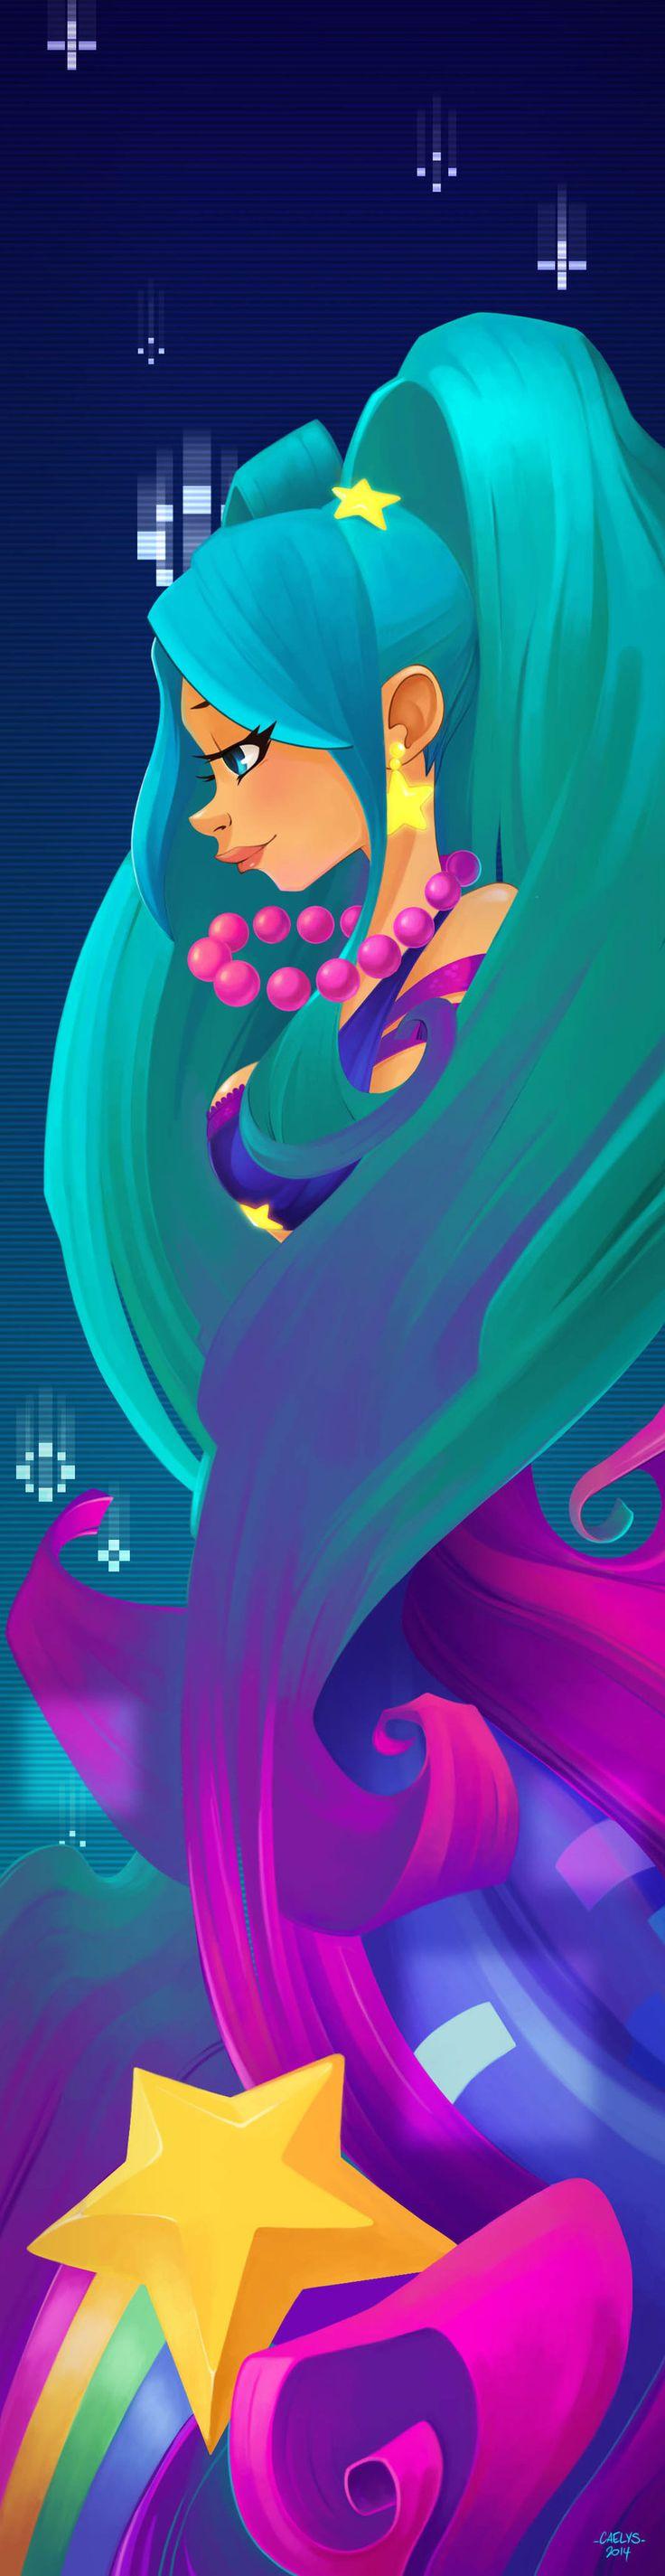 Arcade Sona by Caelys-illustrations.deviantart.com on @DeviantArt